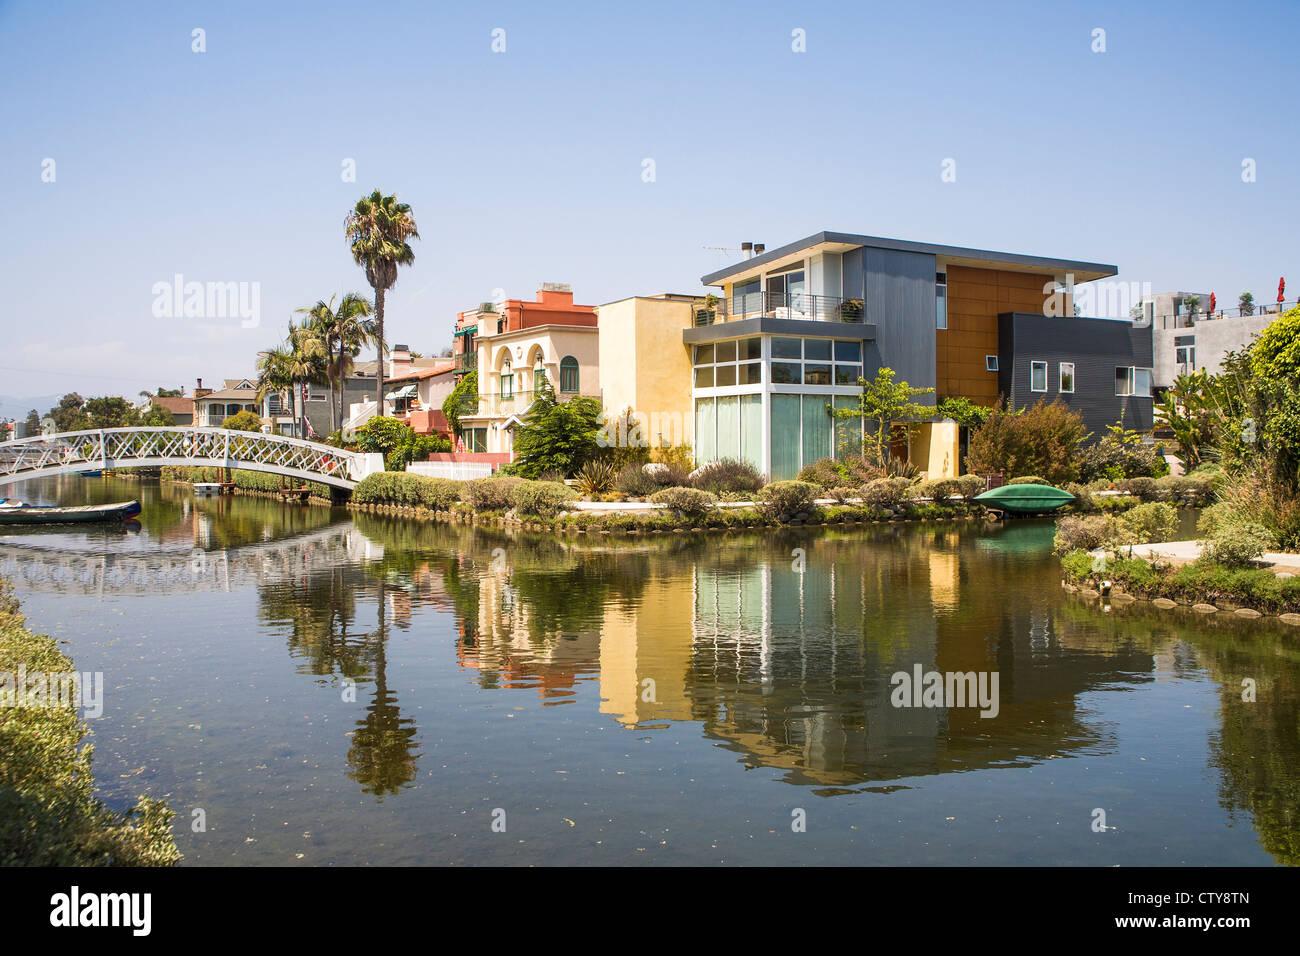 Häuser und Grachten am Venice, Los Angeles, Kalifornien, USA Stockbild